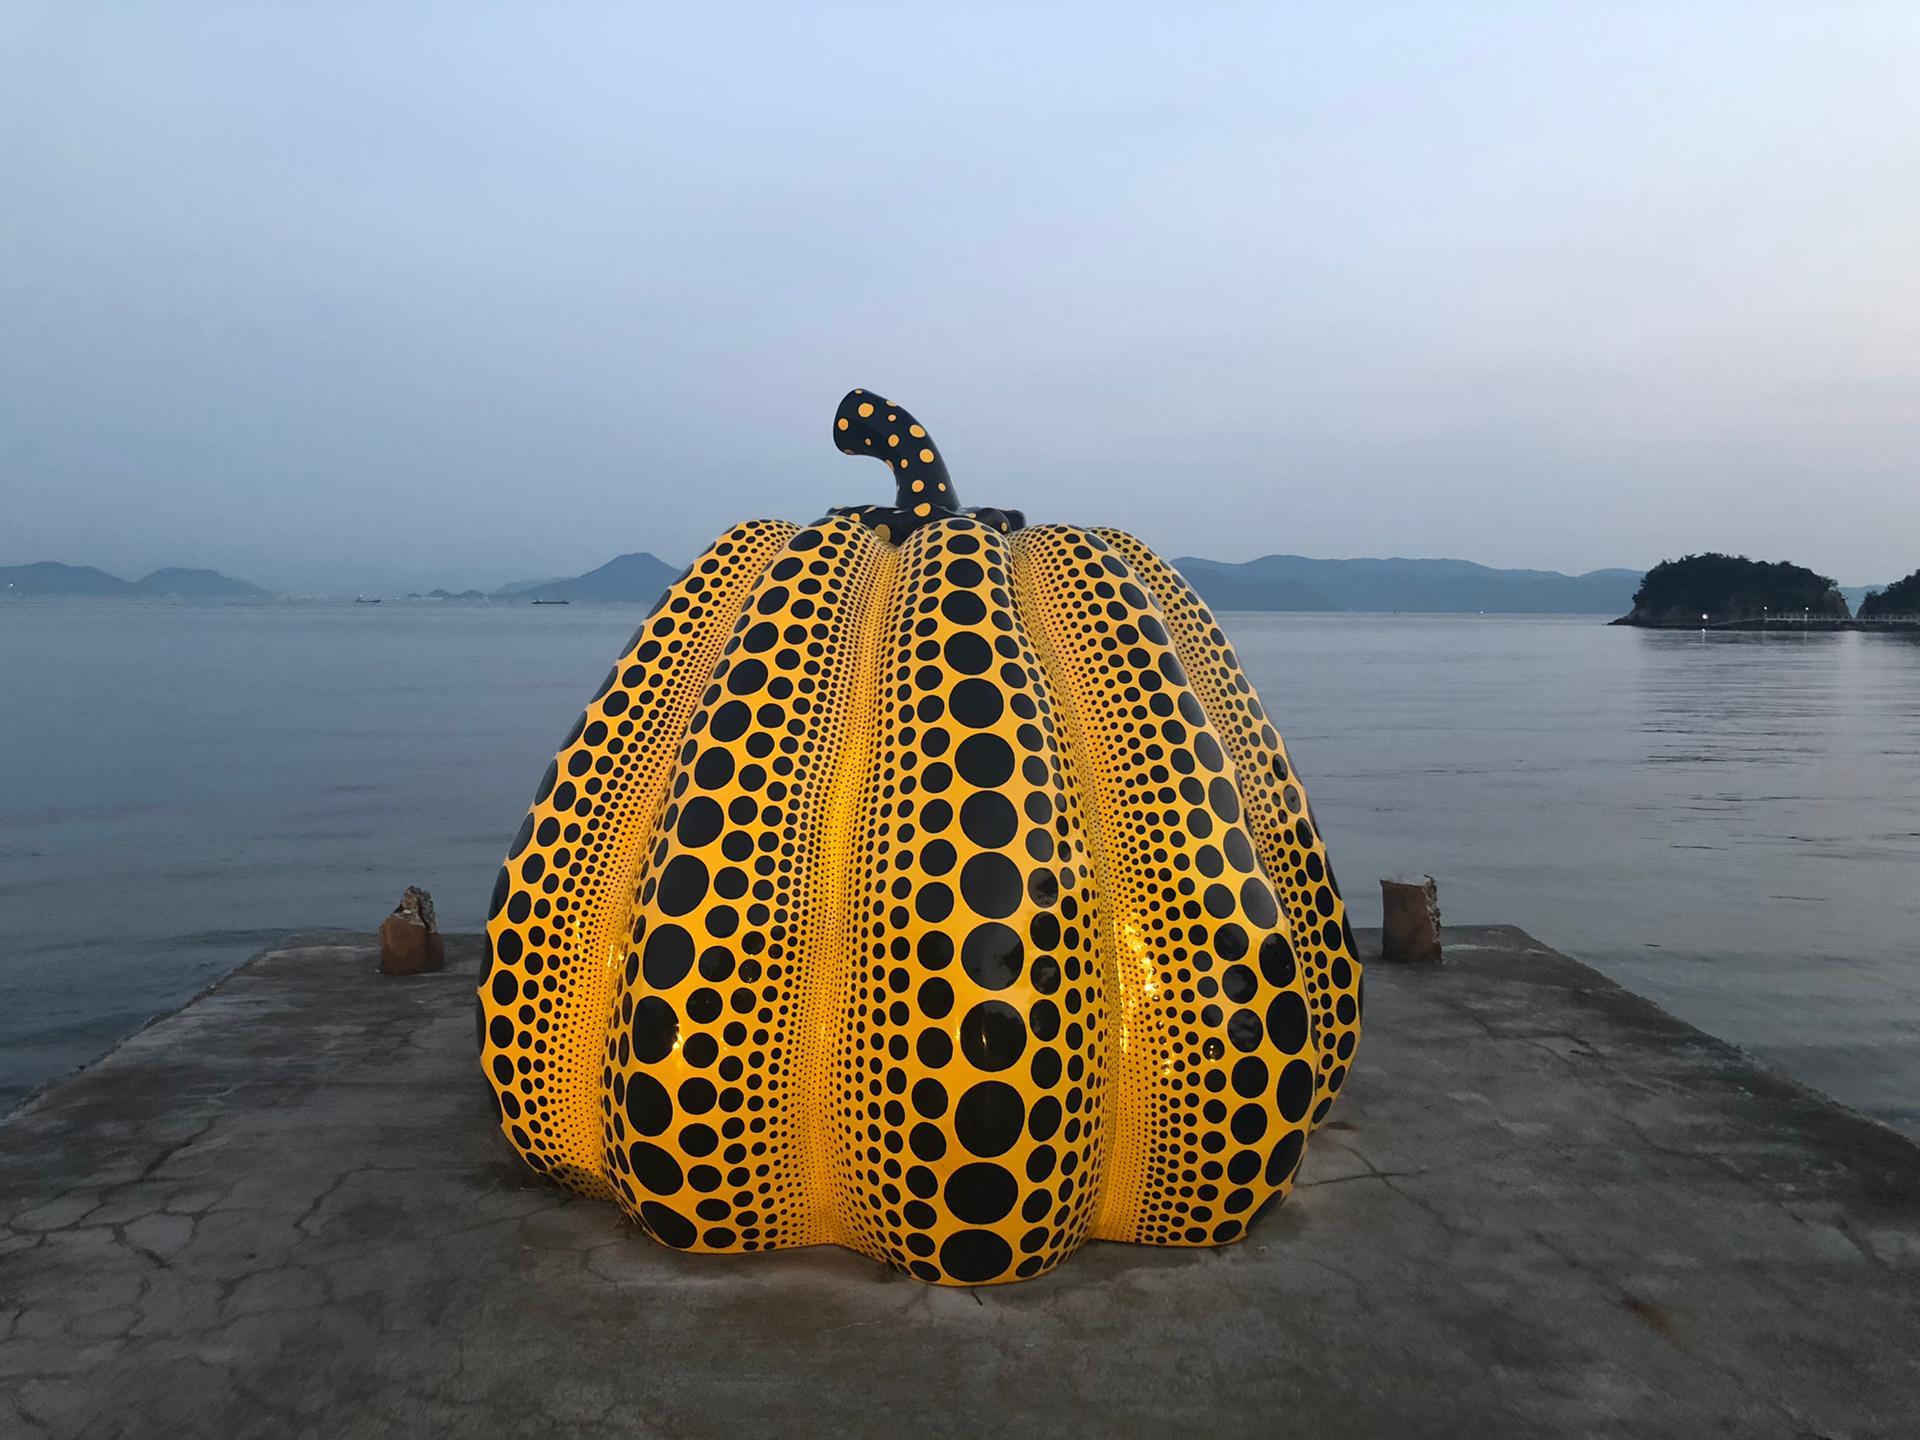 Yayoi Kusama's Yellow Pumpkin in Naoshima